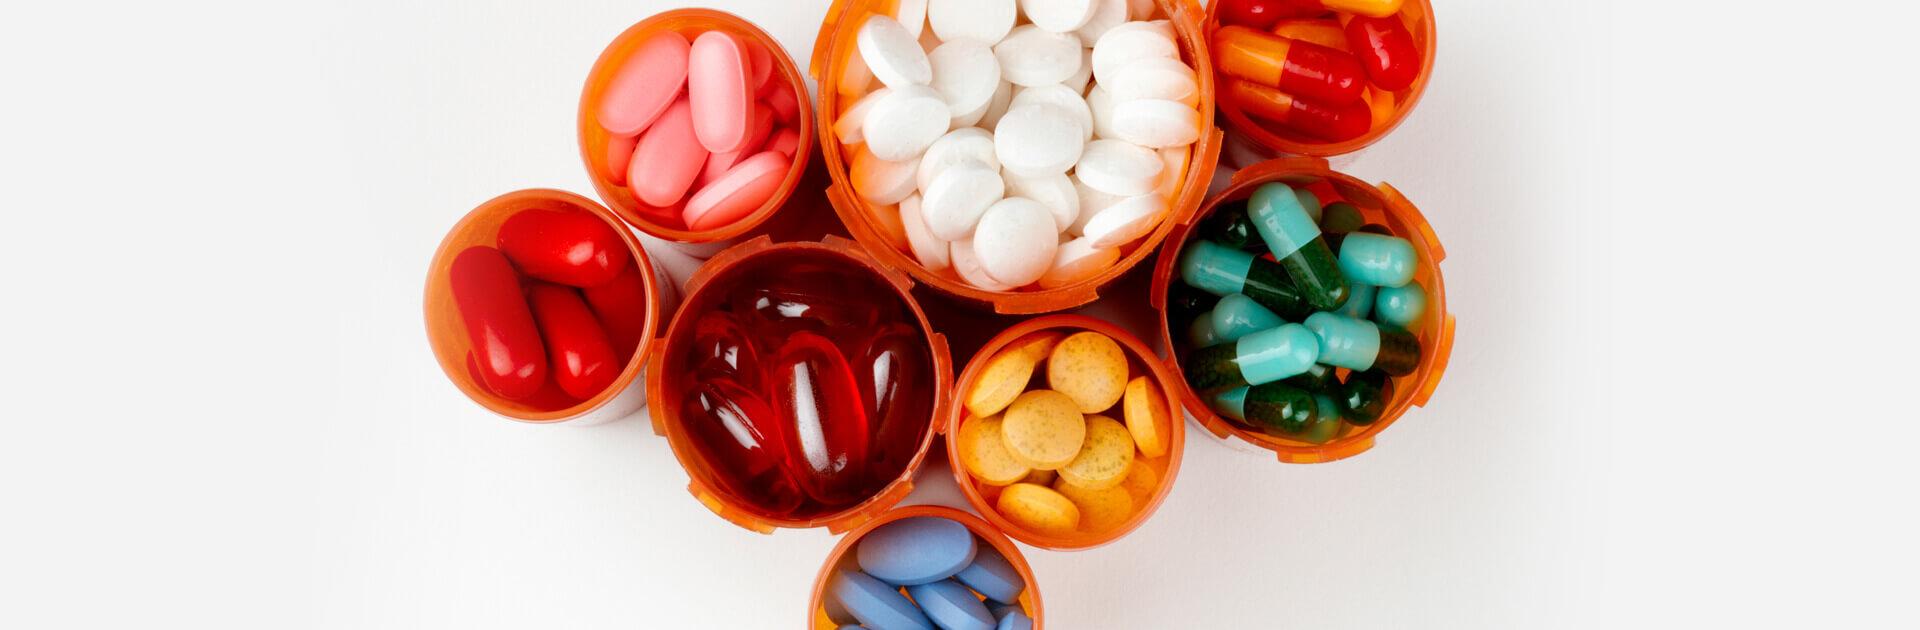 slider-despre-medicamente-fara-prescriptie